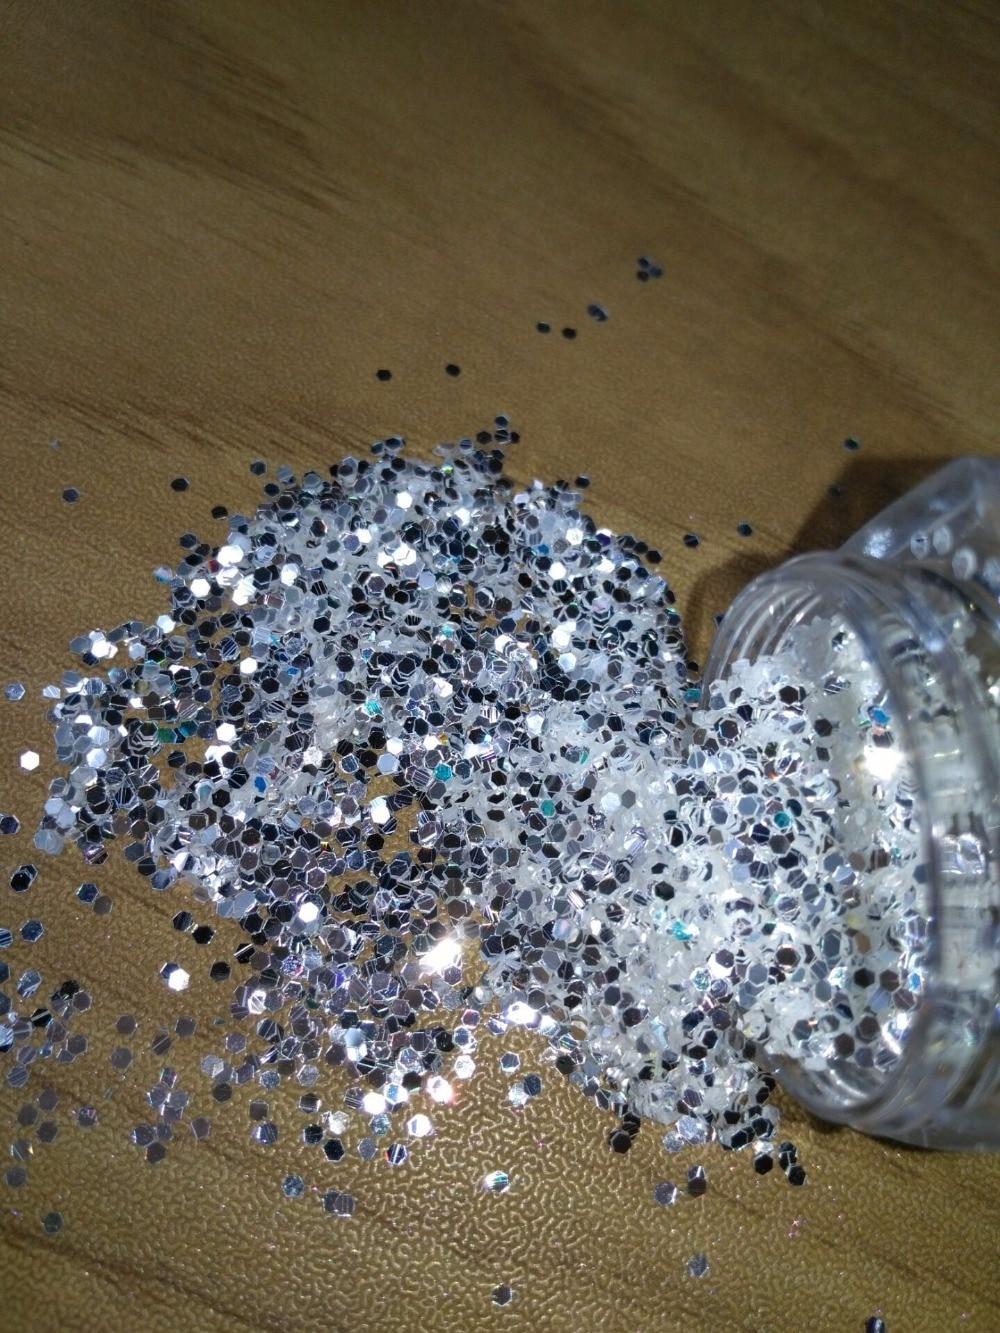 Venda quente Caixa 1 10 ml Sparkly Prata Pura Cor UV Folha Toe Nail Art Decorações Glitter Pó Poeira Que Bling folha Da Arte Do Prego